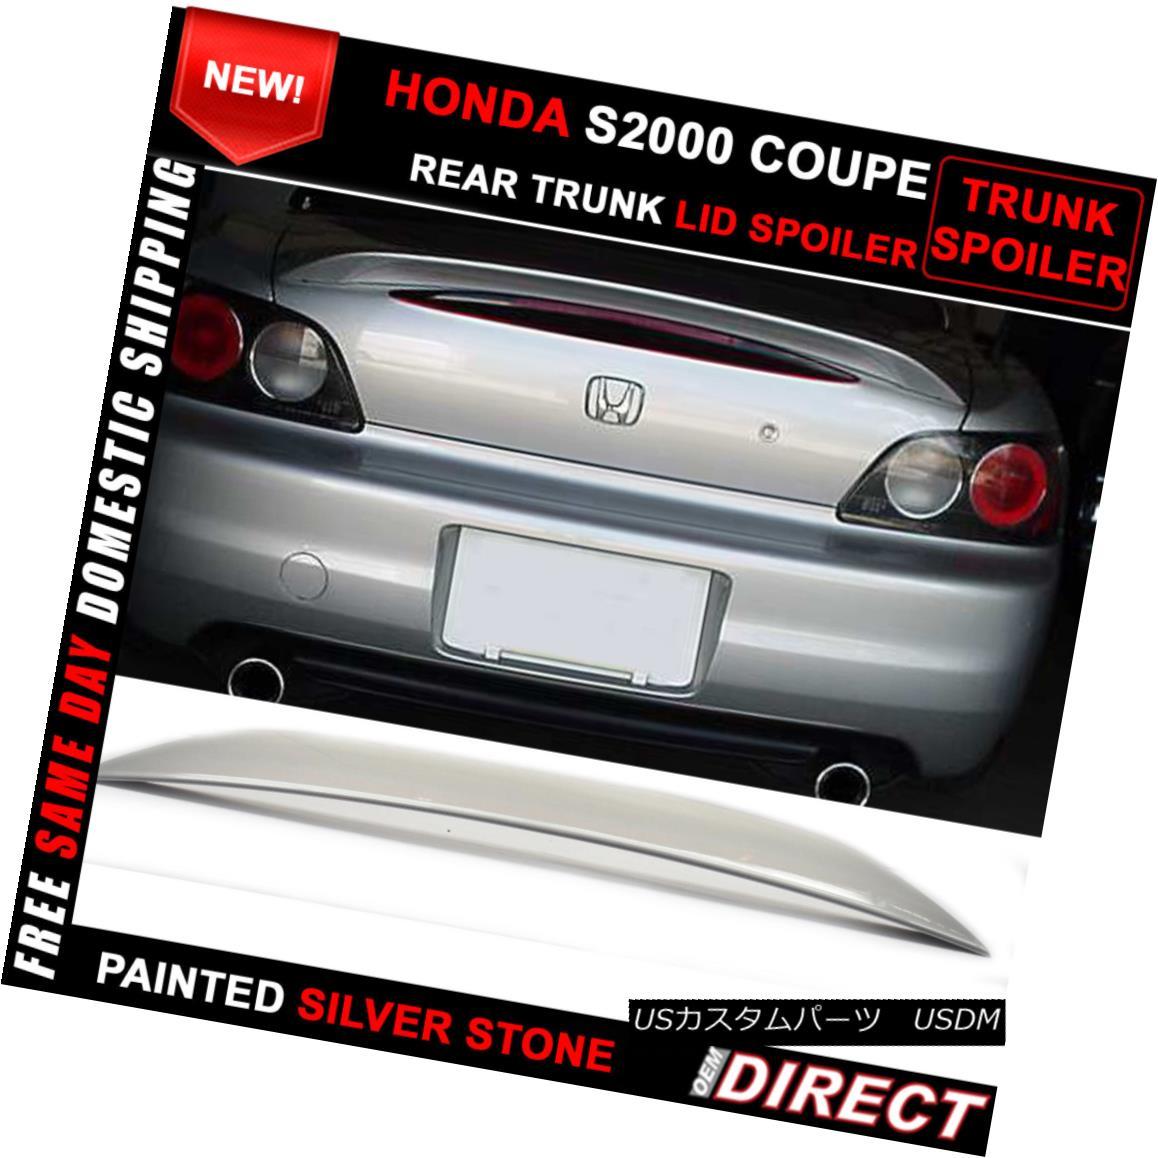 エアロパーツ Fit 00-09 Honda S2000 OE Color #Nh630M Painted Trunk Spoiler AP2 AP2 フィット00-09ホンダS2000 OEカラー#Nh630M塗装トランクスポイラーAP2 AP2